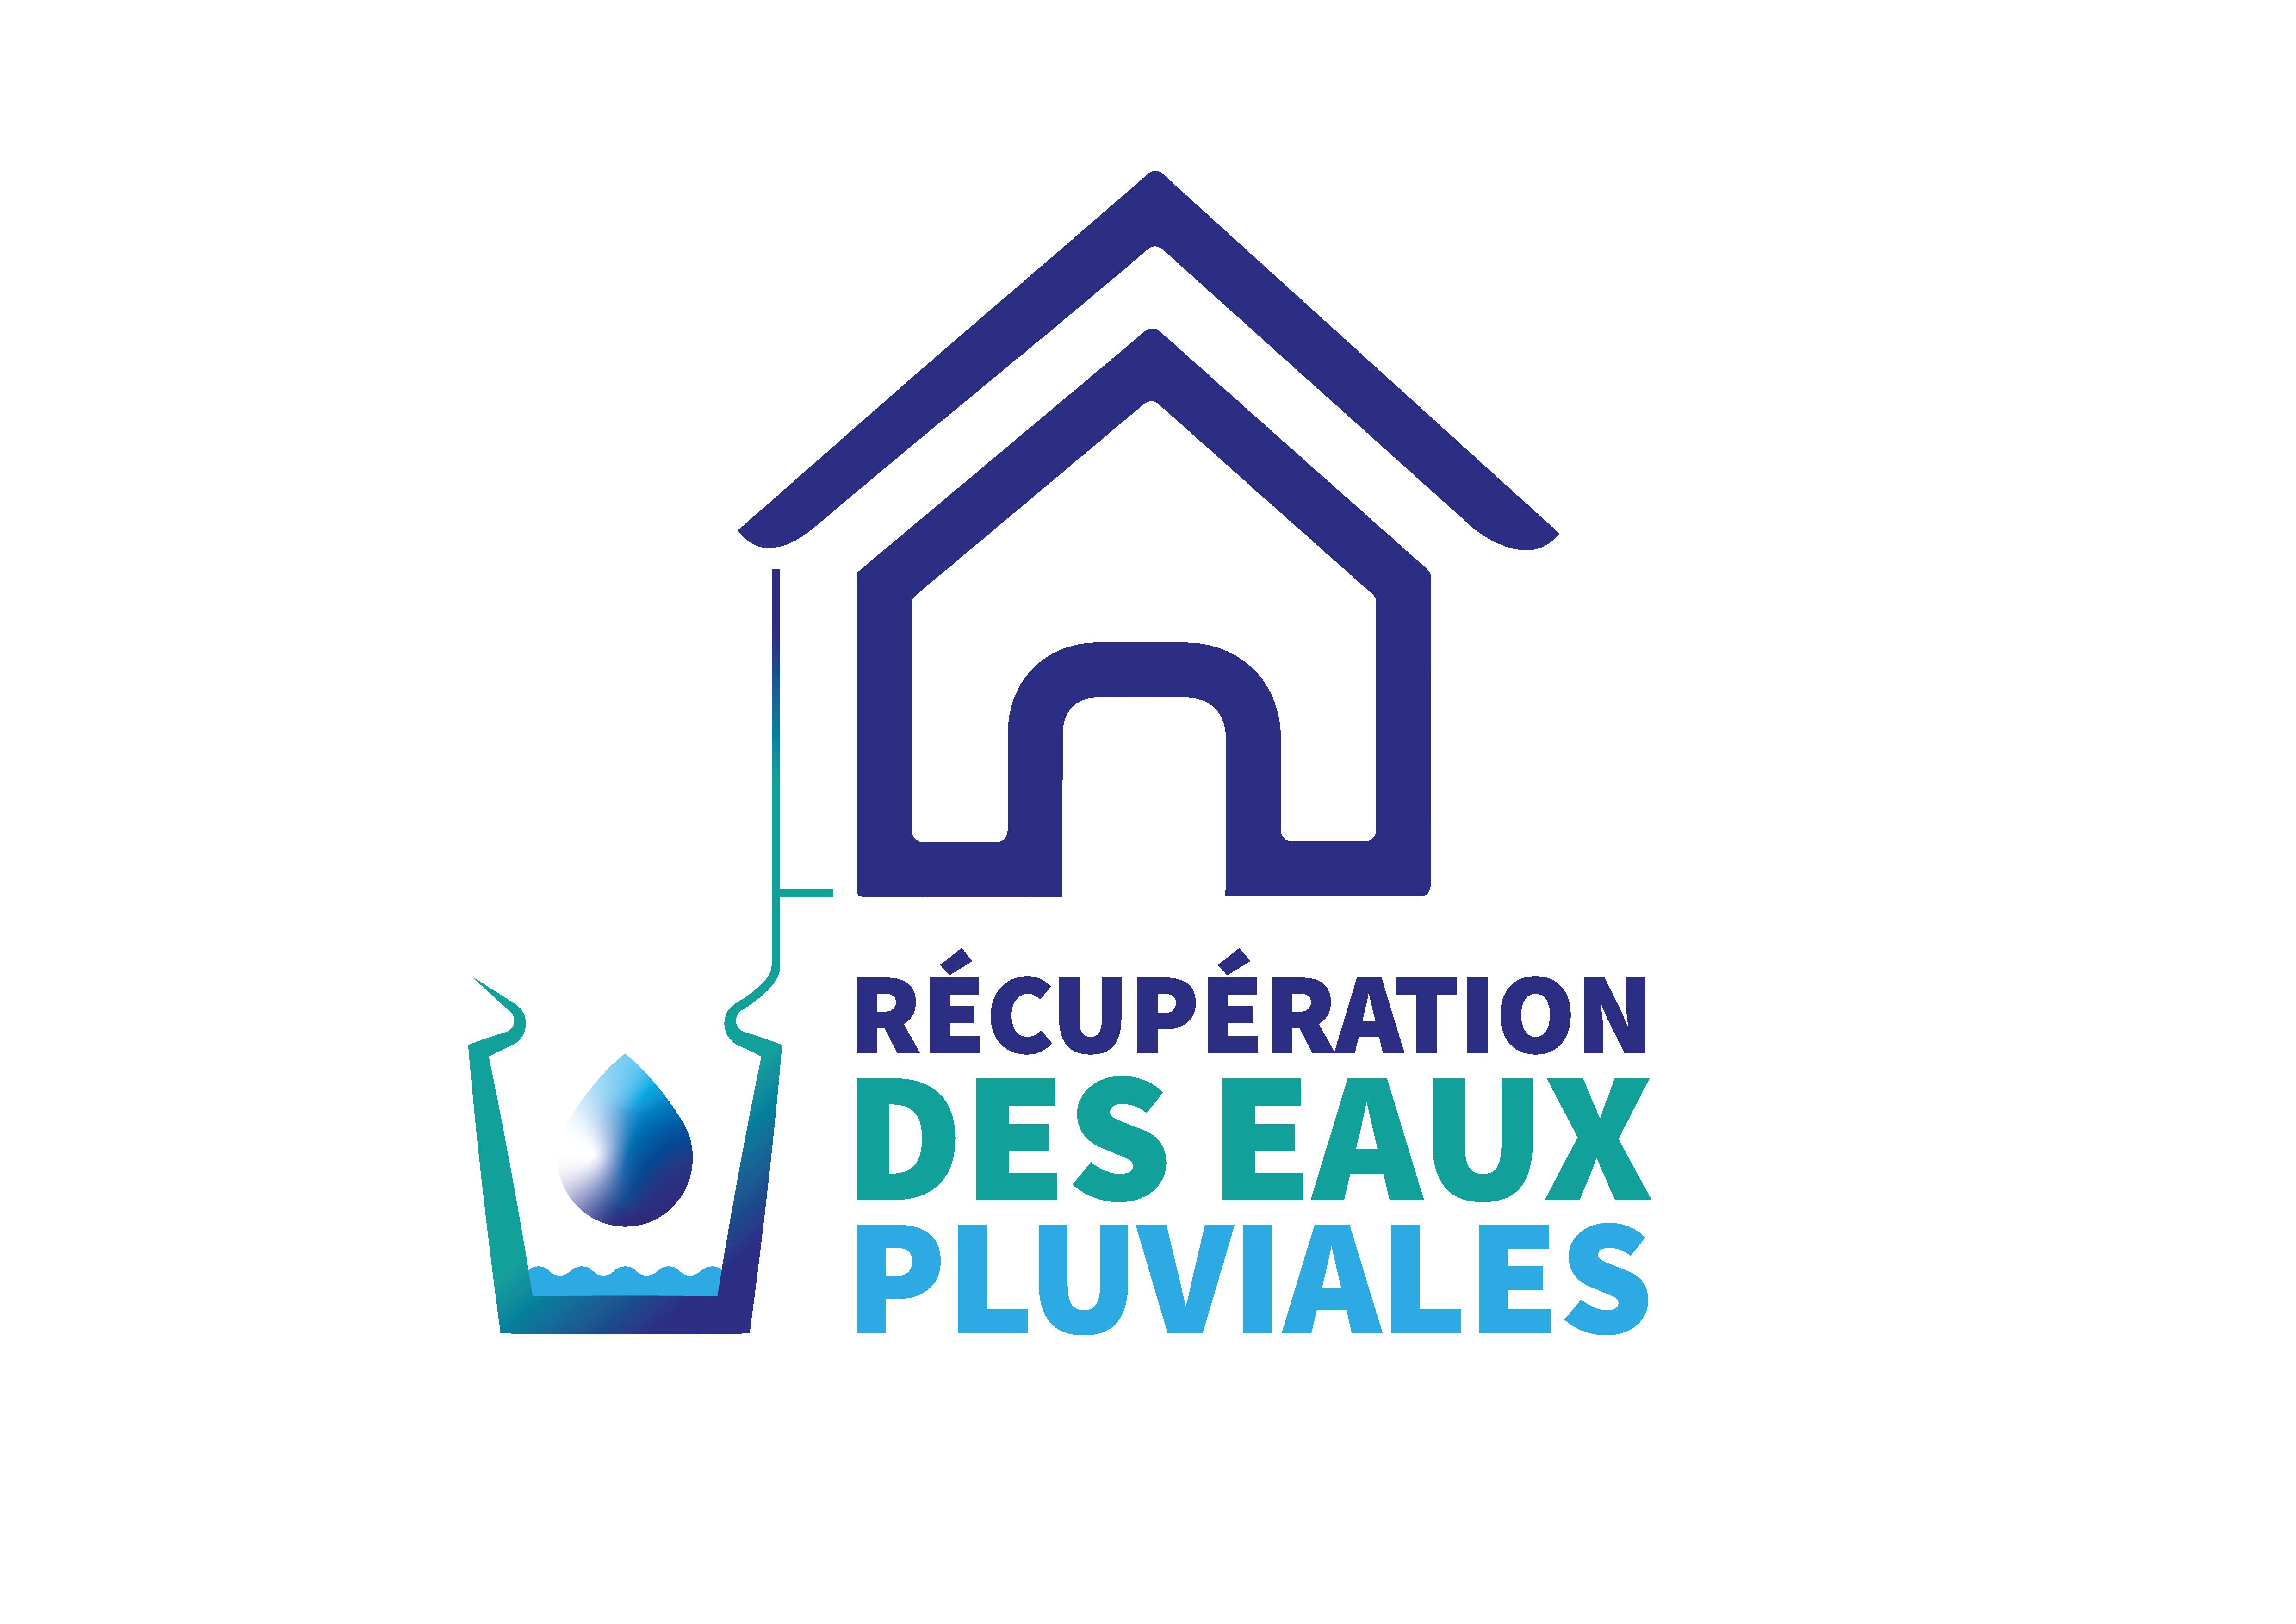 Récupération des eaux pluviales.png